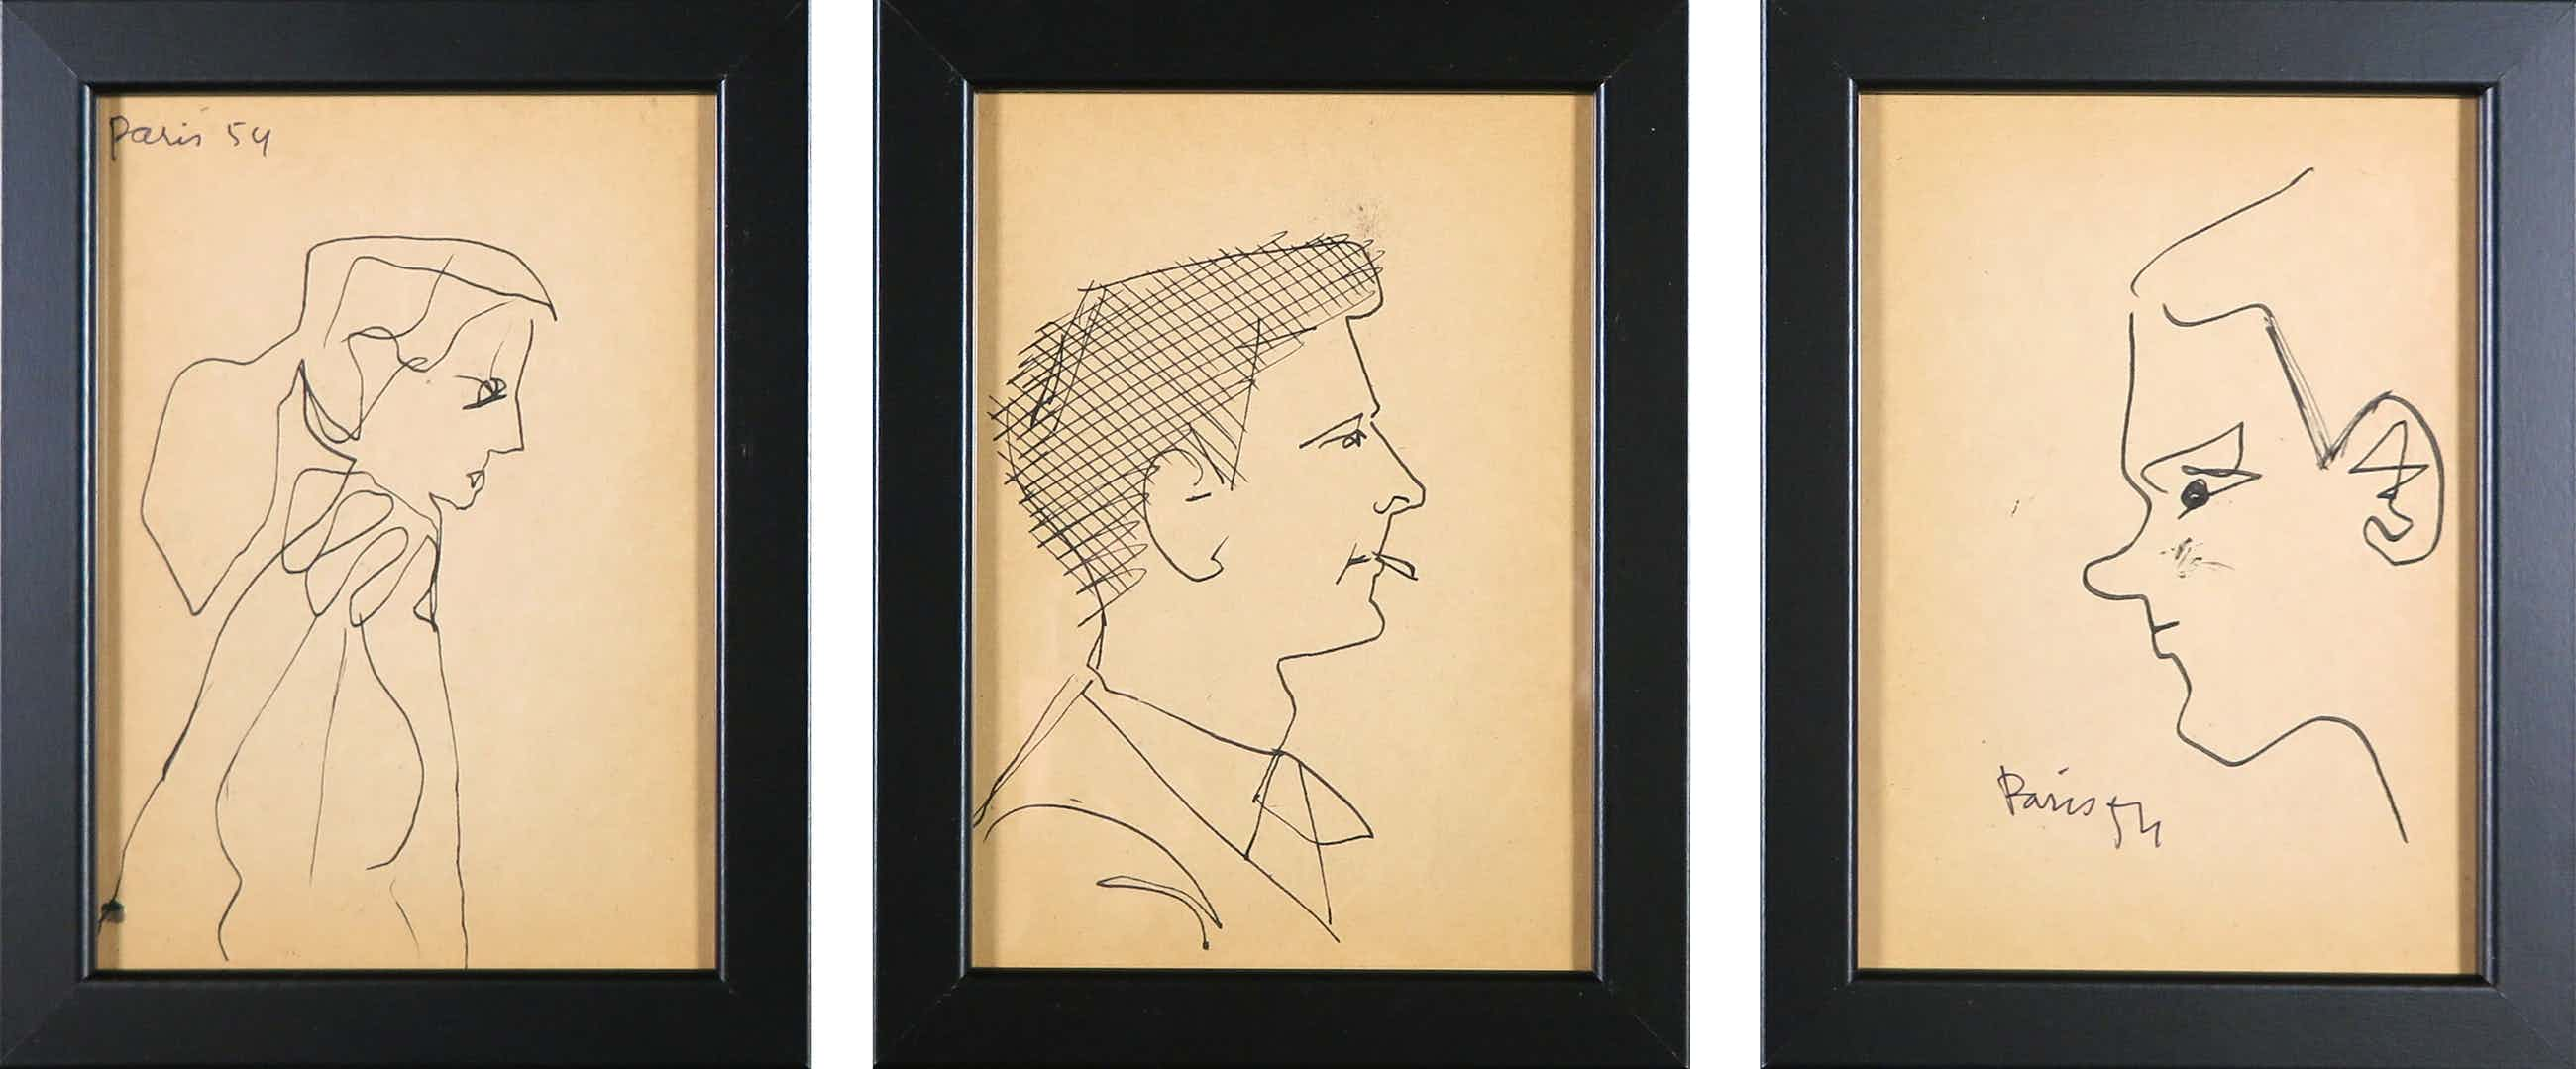 Siep van den Berg - Lot van drie tekeningen, Portretten en profil - Ingelijst kopen? Bied vanaf 50!